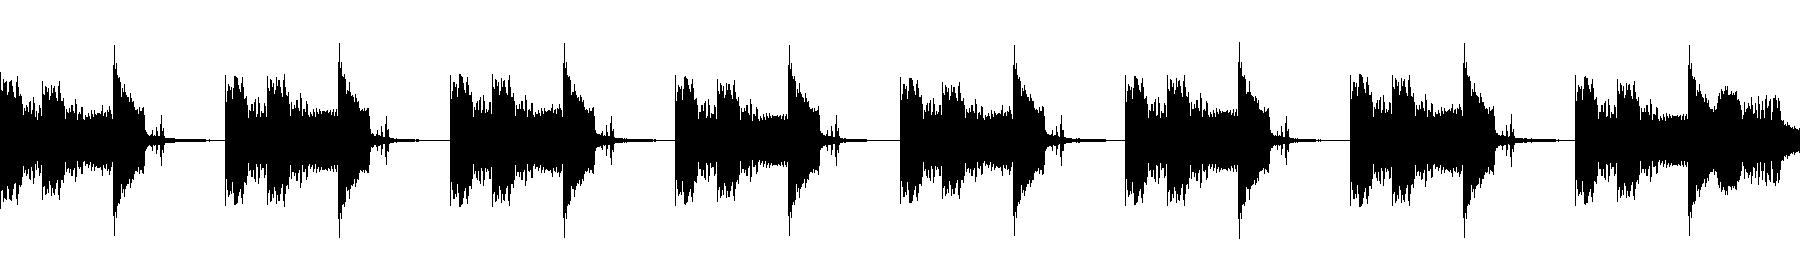 attack drum